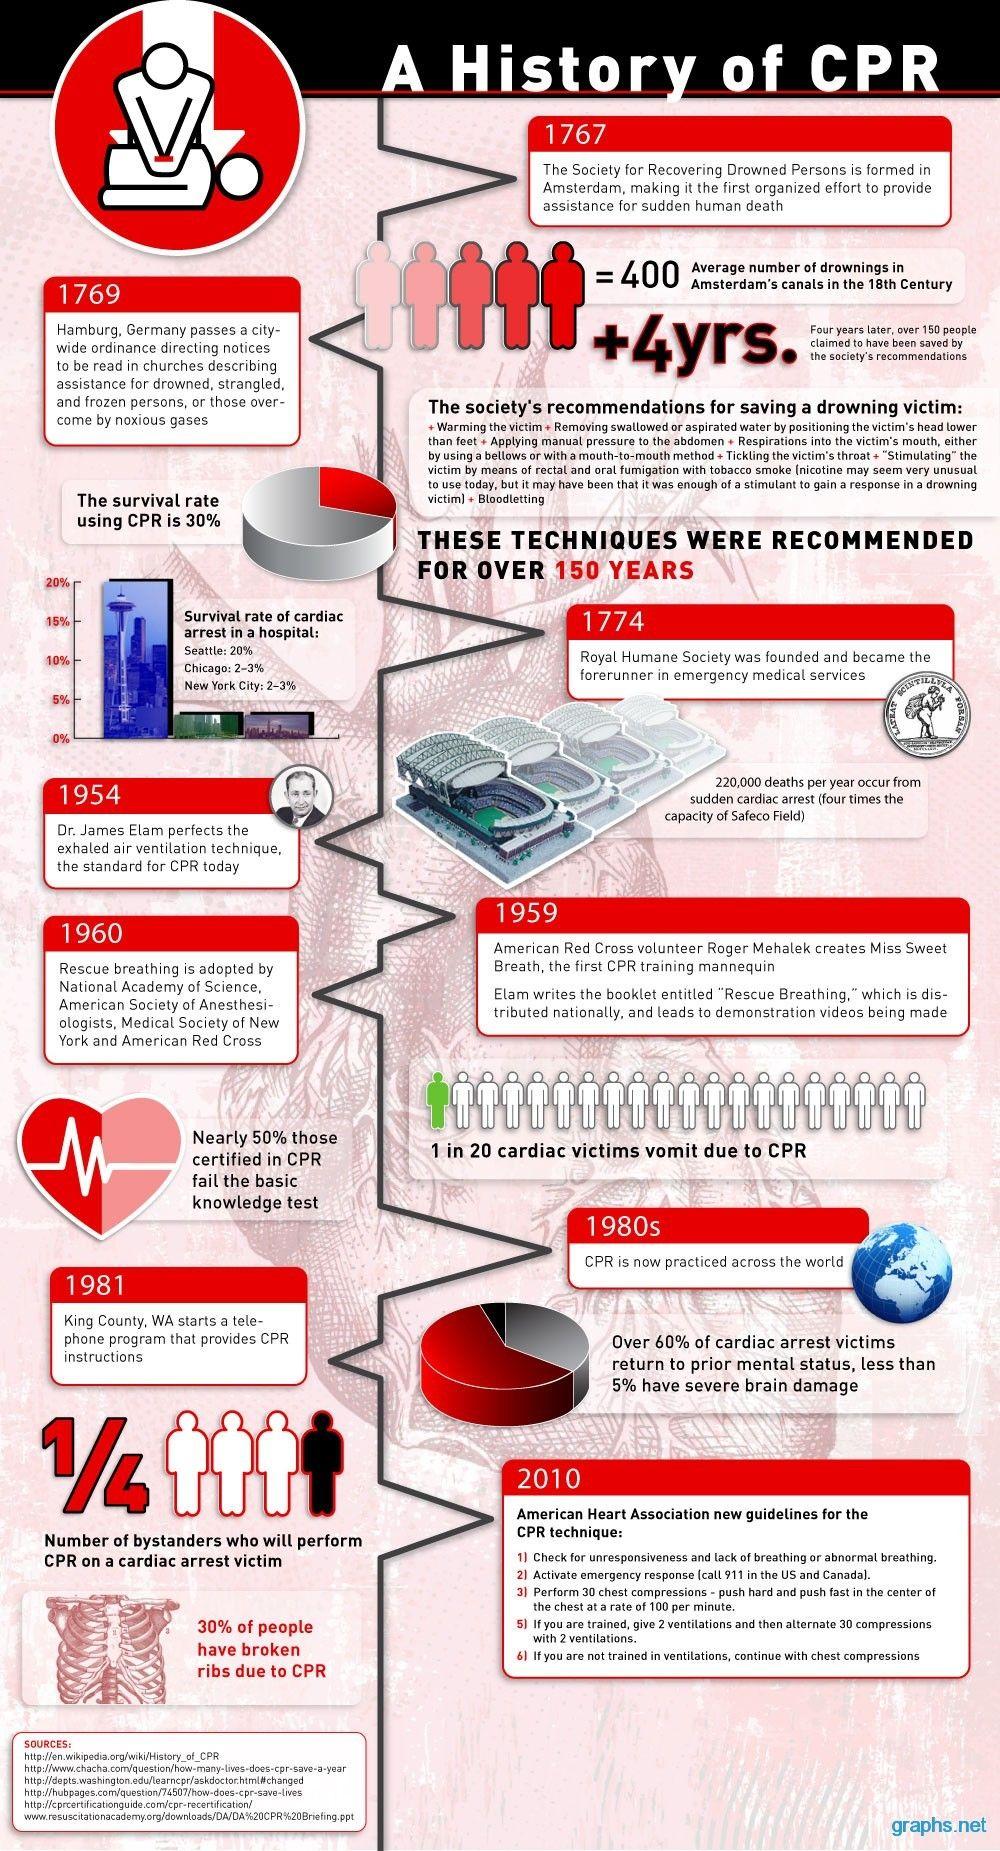 History Of Cpr Timeline Nursing Stuff Pinterest Medical And